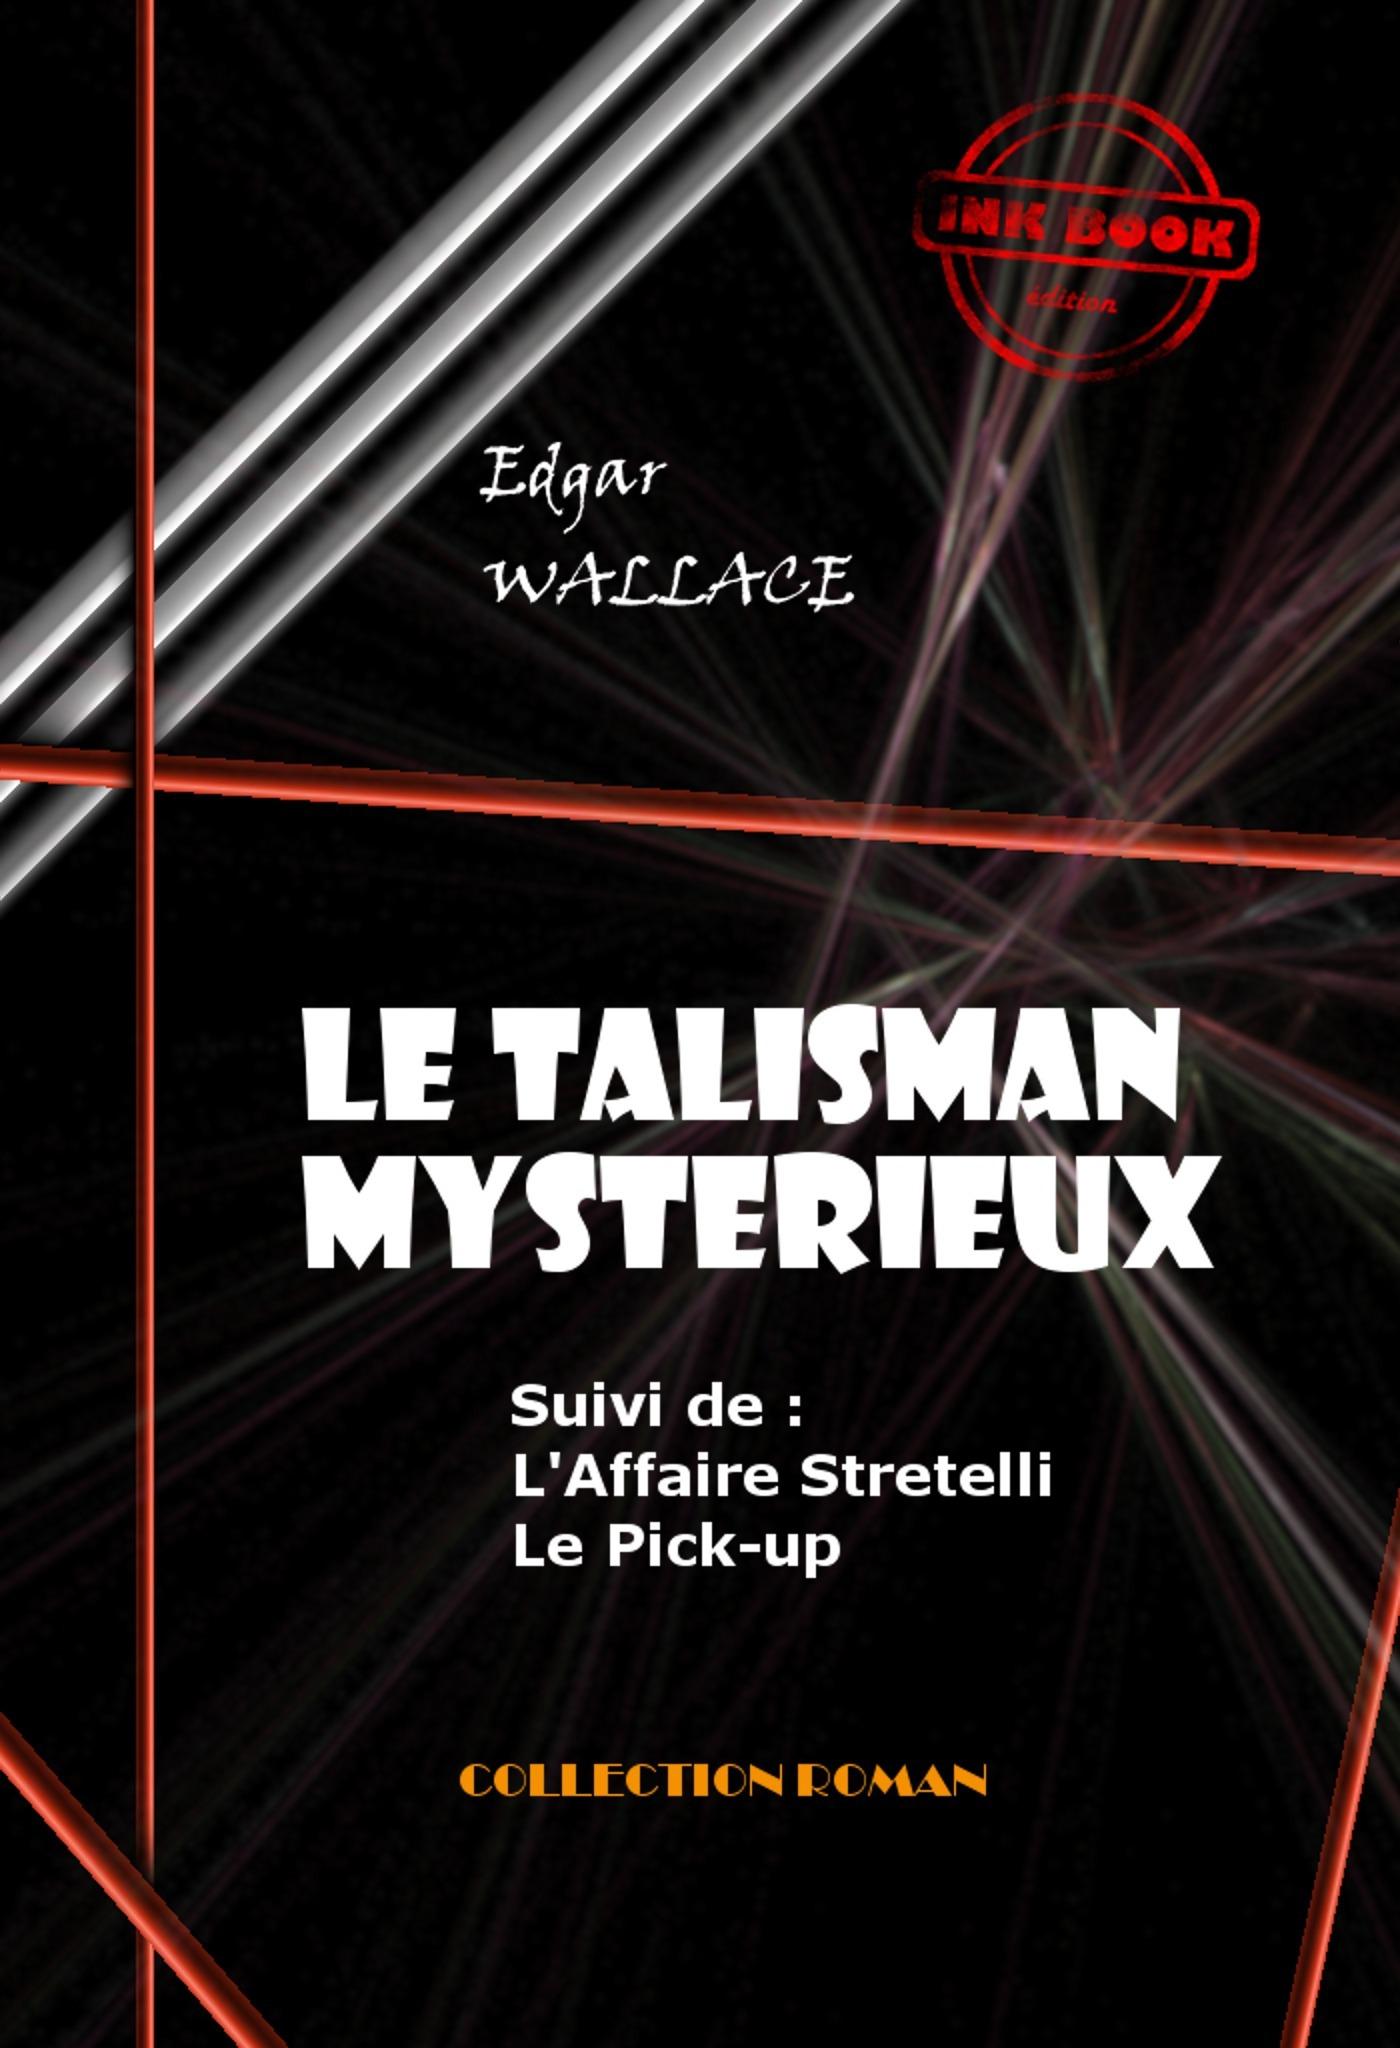 Le Talisman mystérieux - L'Affaire Stretelli - Le Pick-up  - Edgar WALLACE